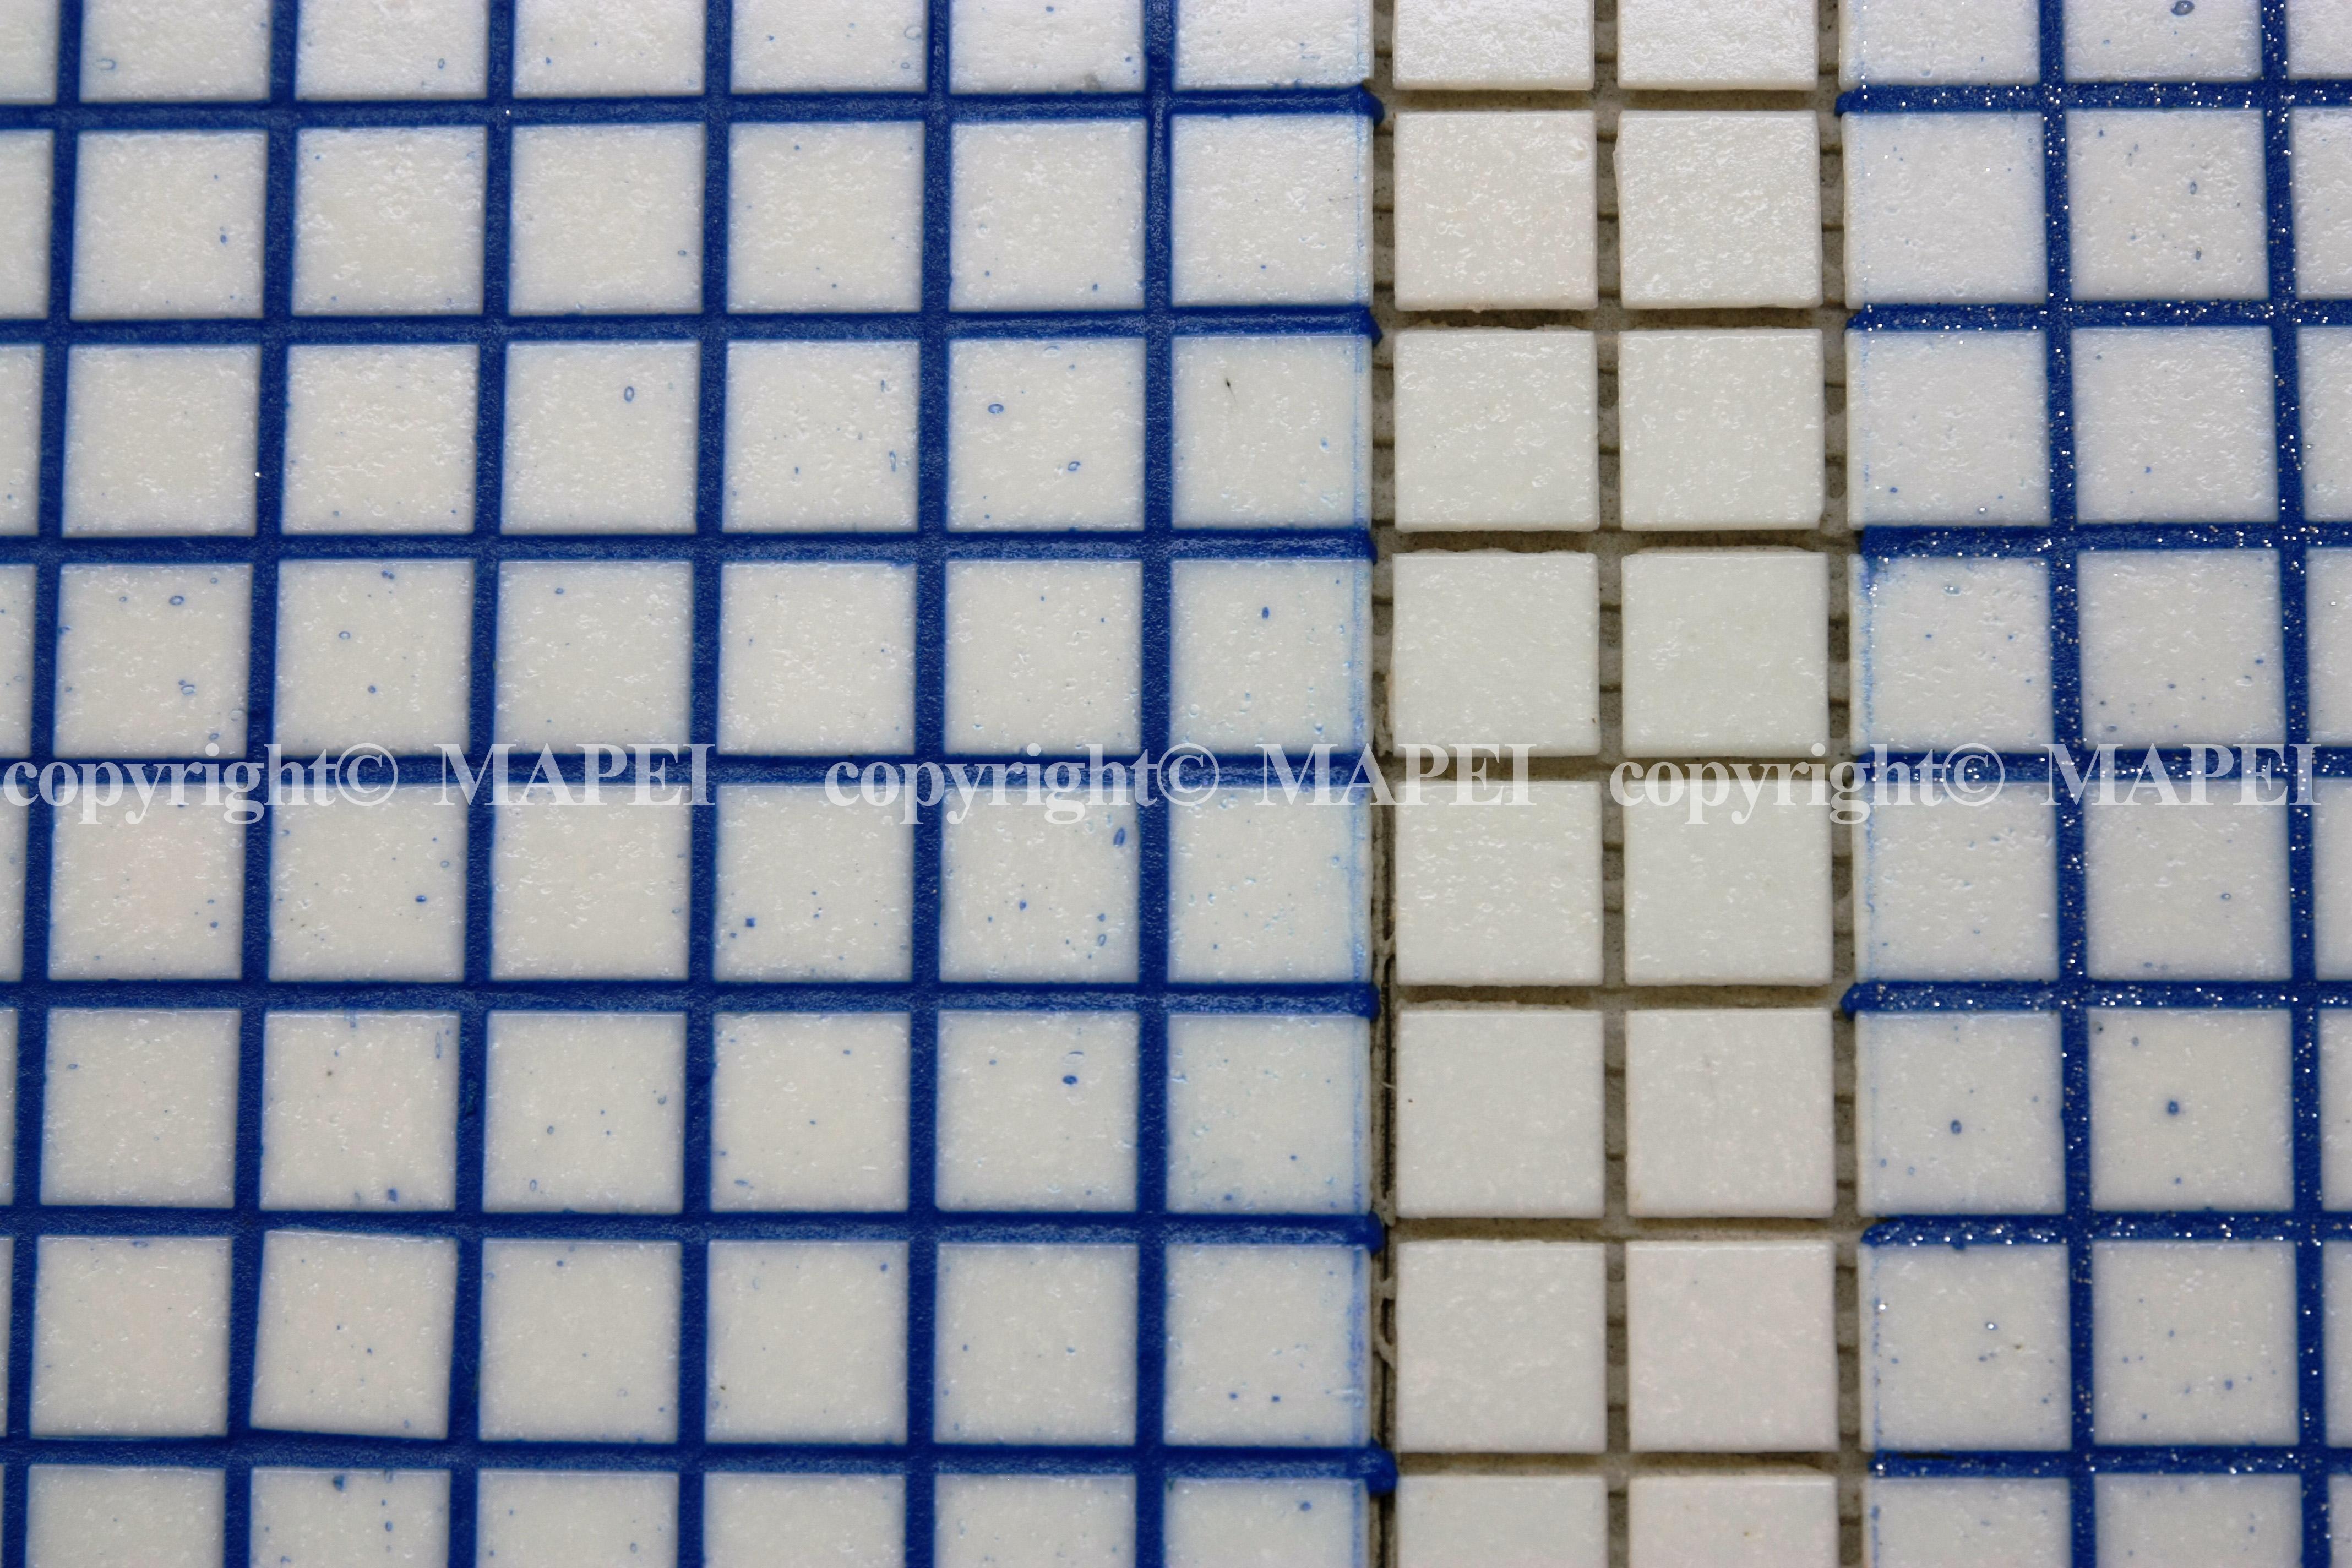 27. mozaic sticla chituit cu chit epoxidic MAPEI - Poza 27